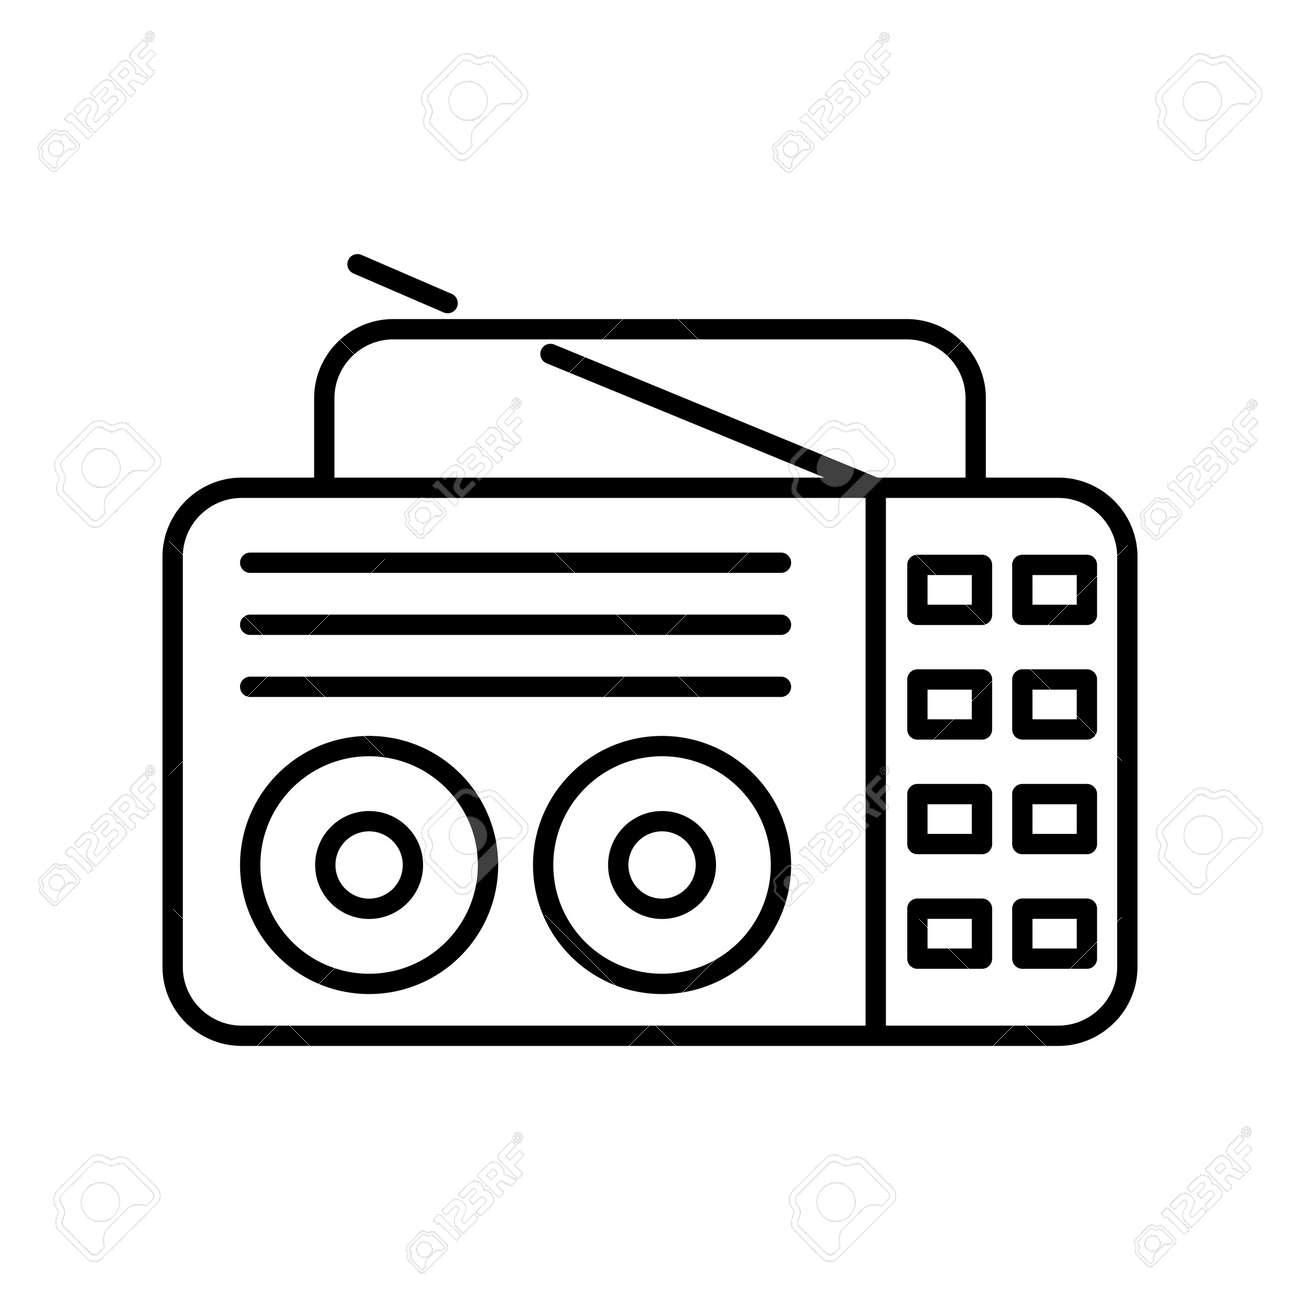 Unique Old Radio Line Vector Icon - 167962515